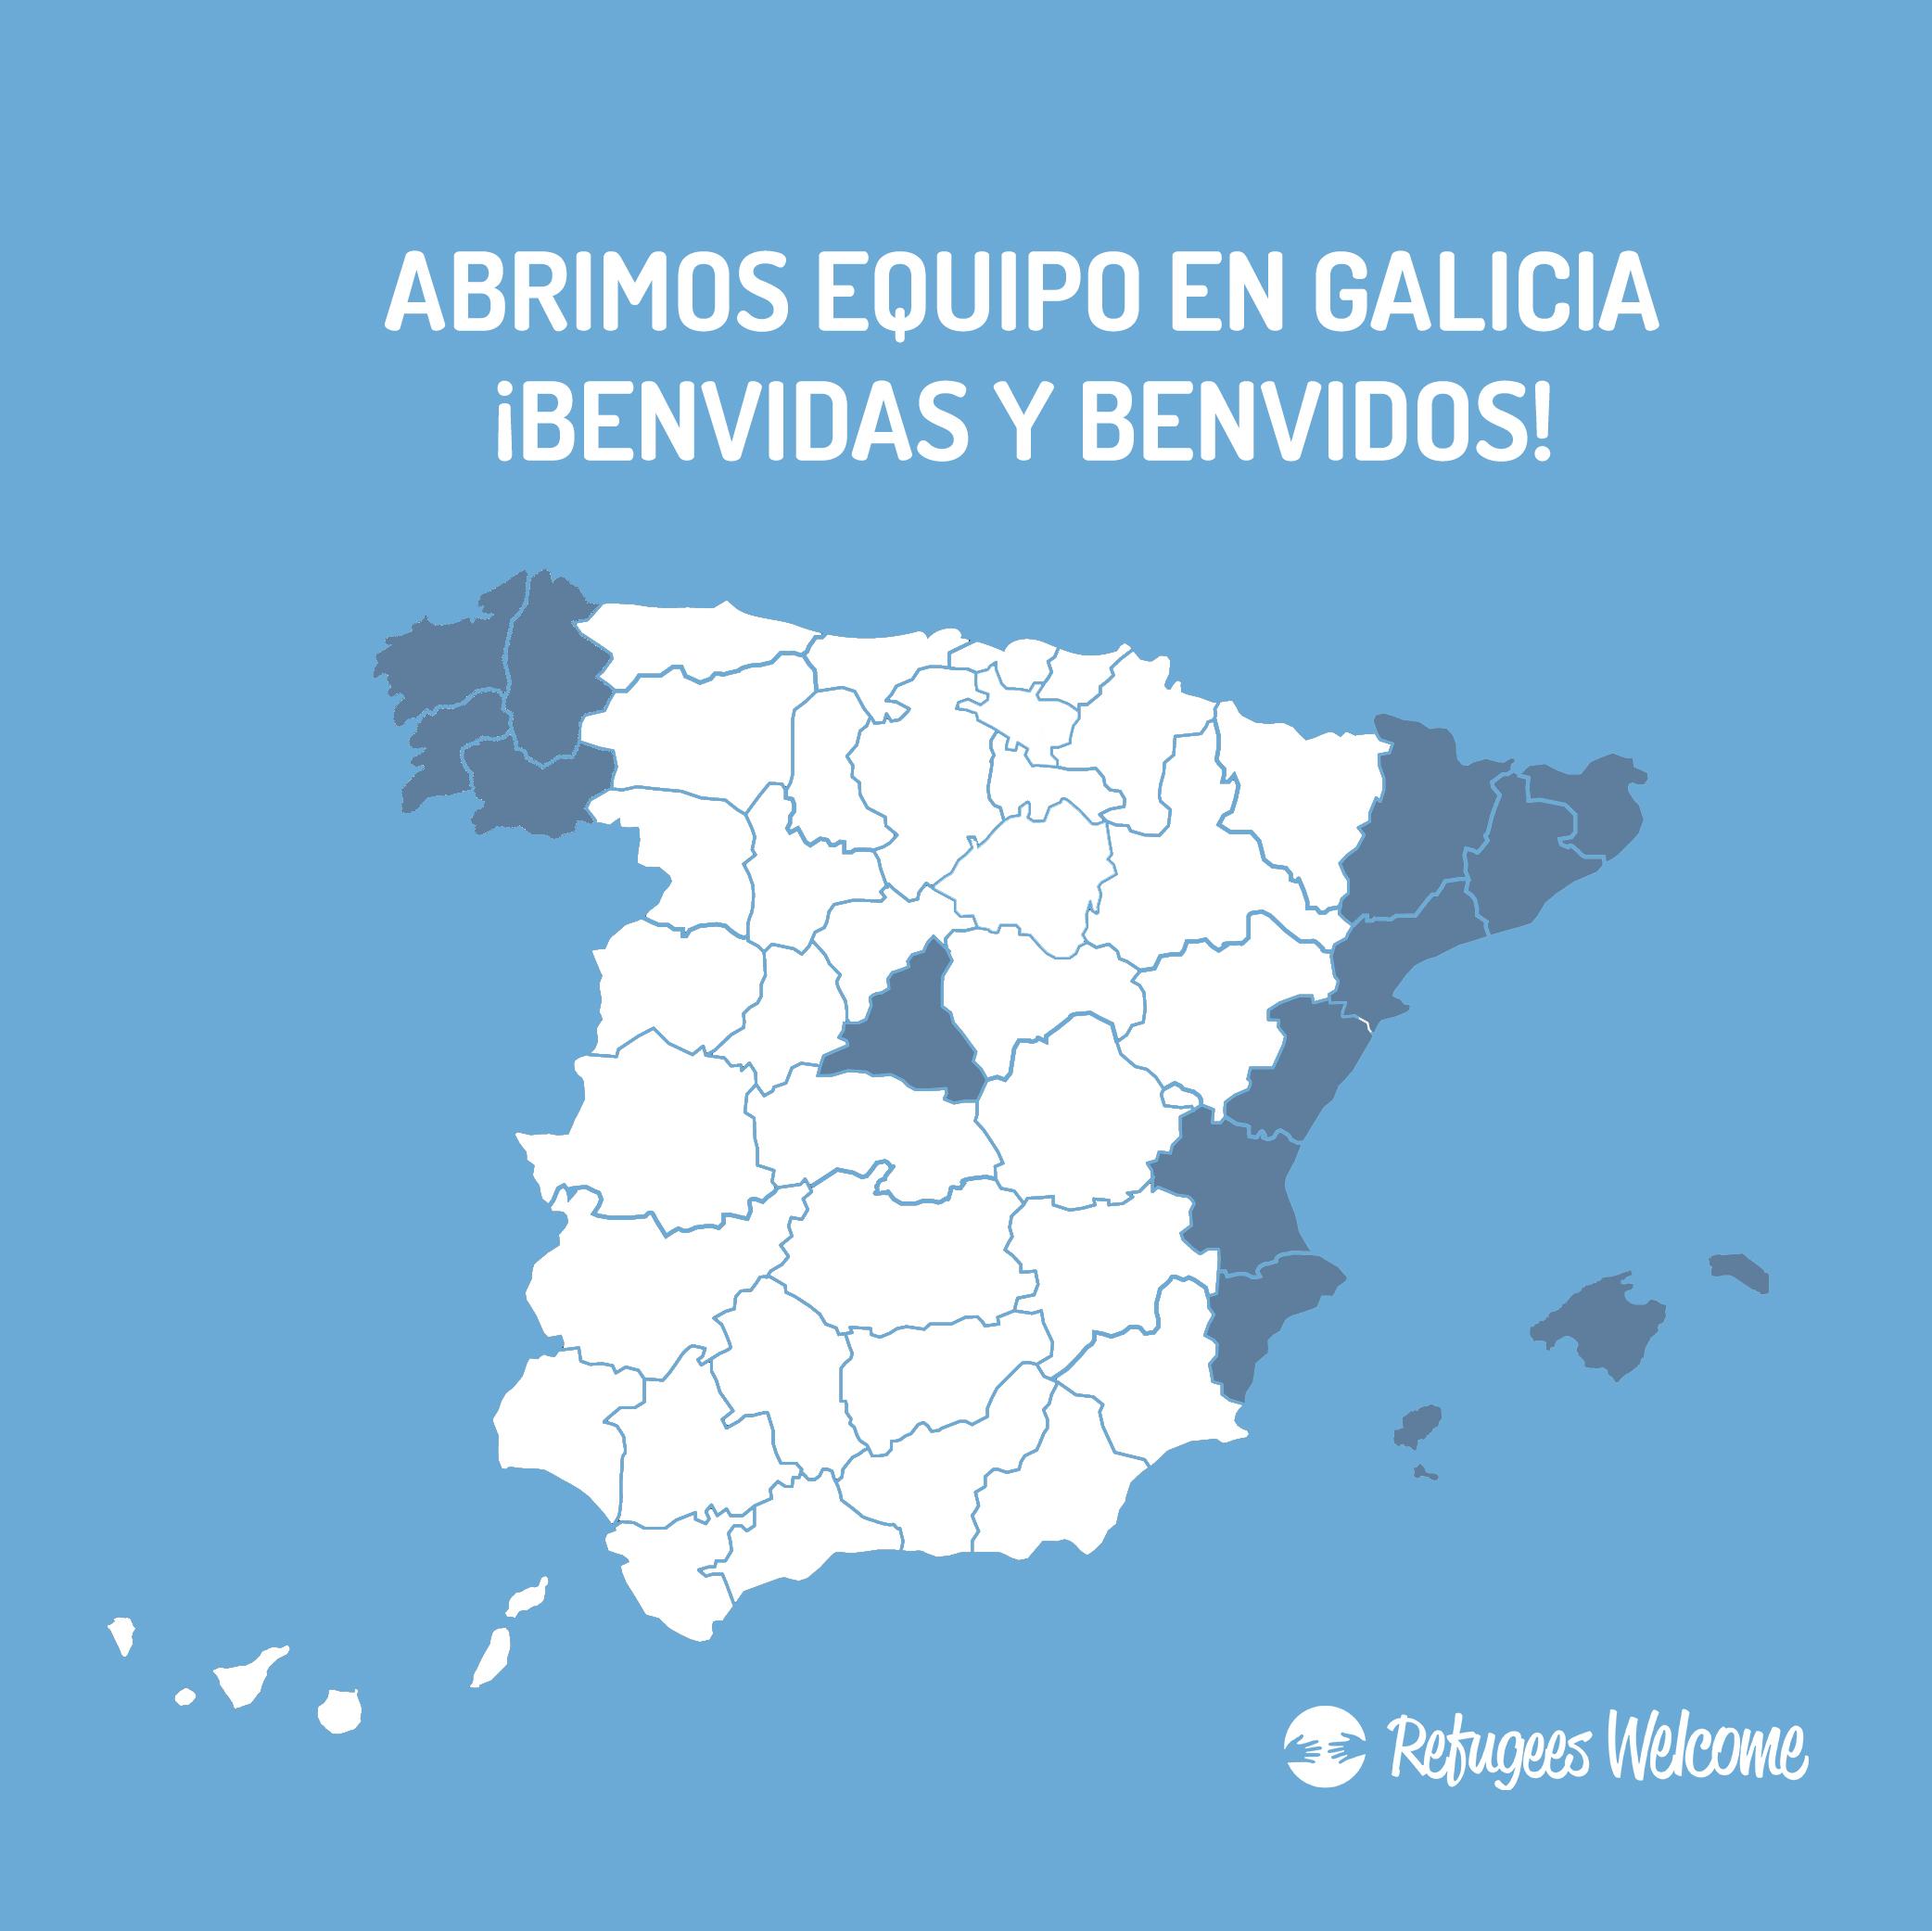 nuevo equipo Galicia